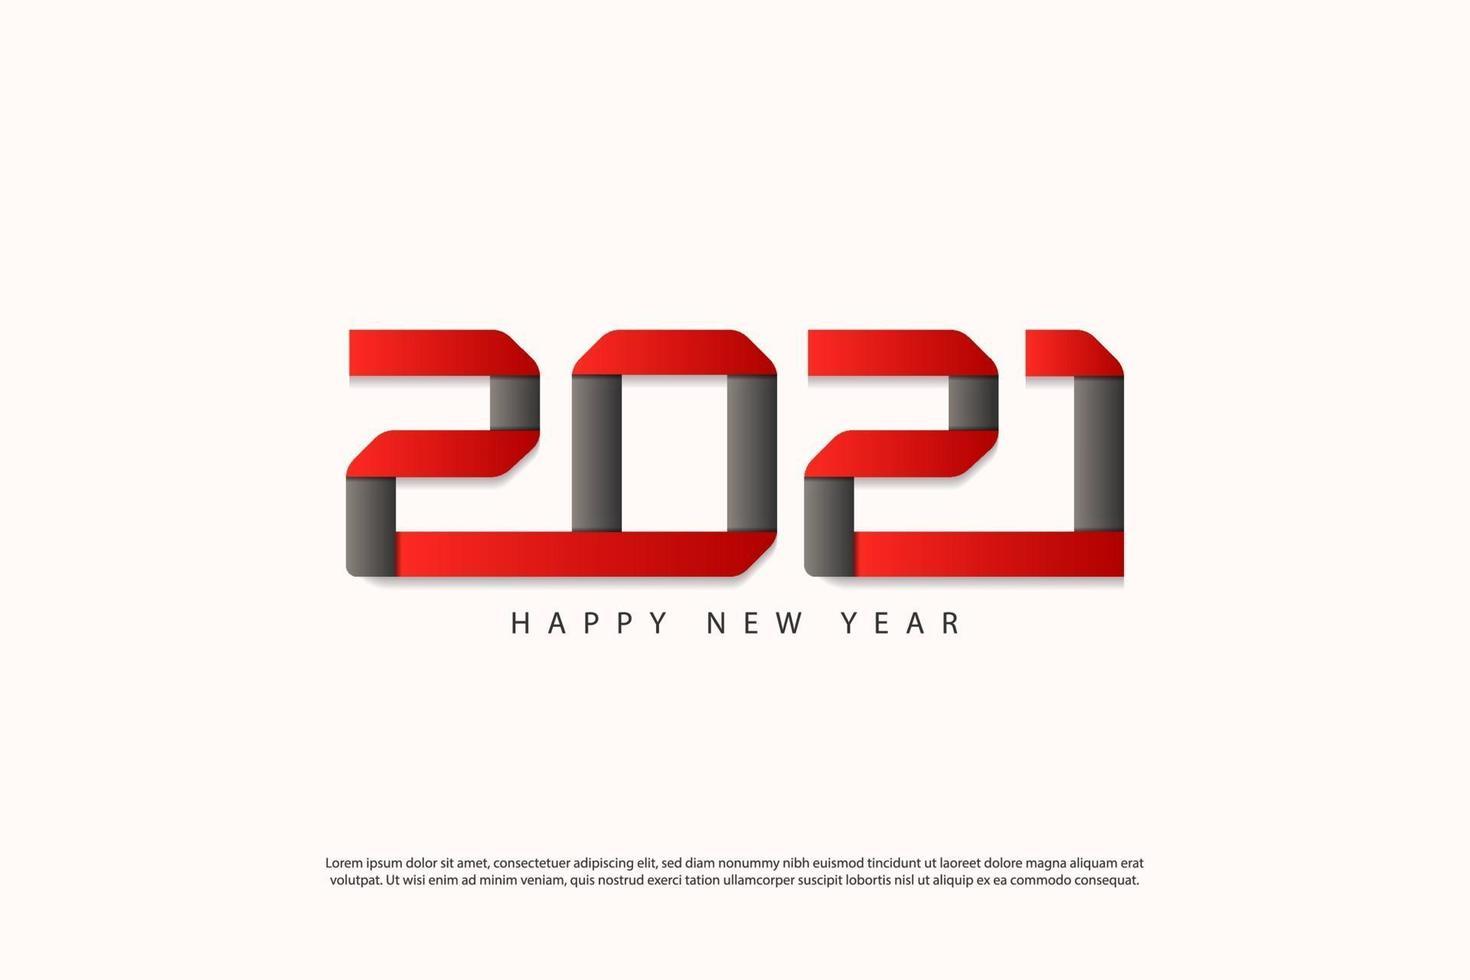 kreative 2021 Frohes neues Jahr Design-Vorlage für Grußkarten, Poster, Banner, Vektor-Illustration. isoliert auf weißem Hintergrund. vektor